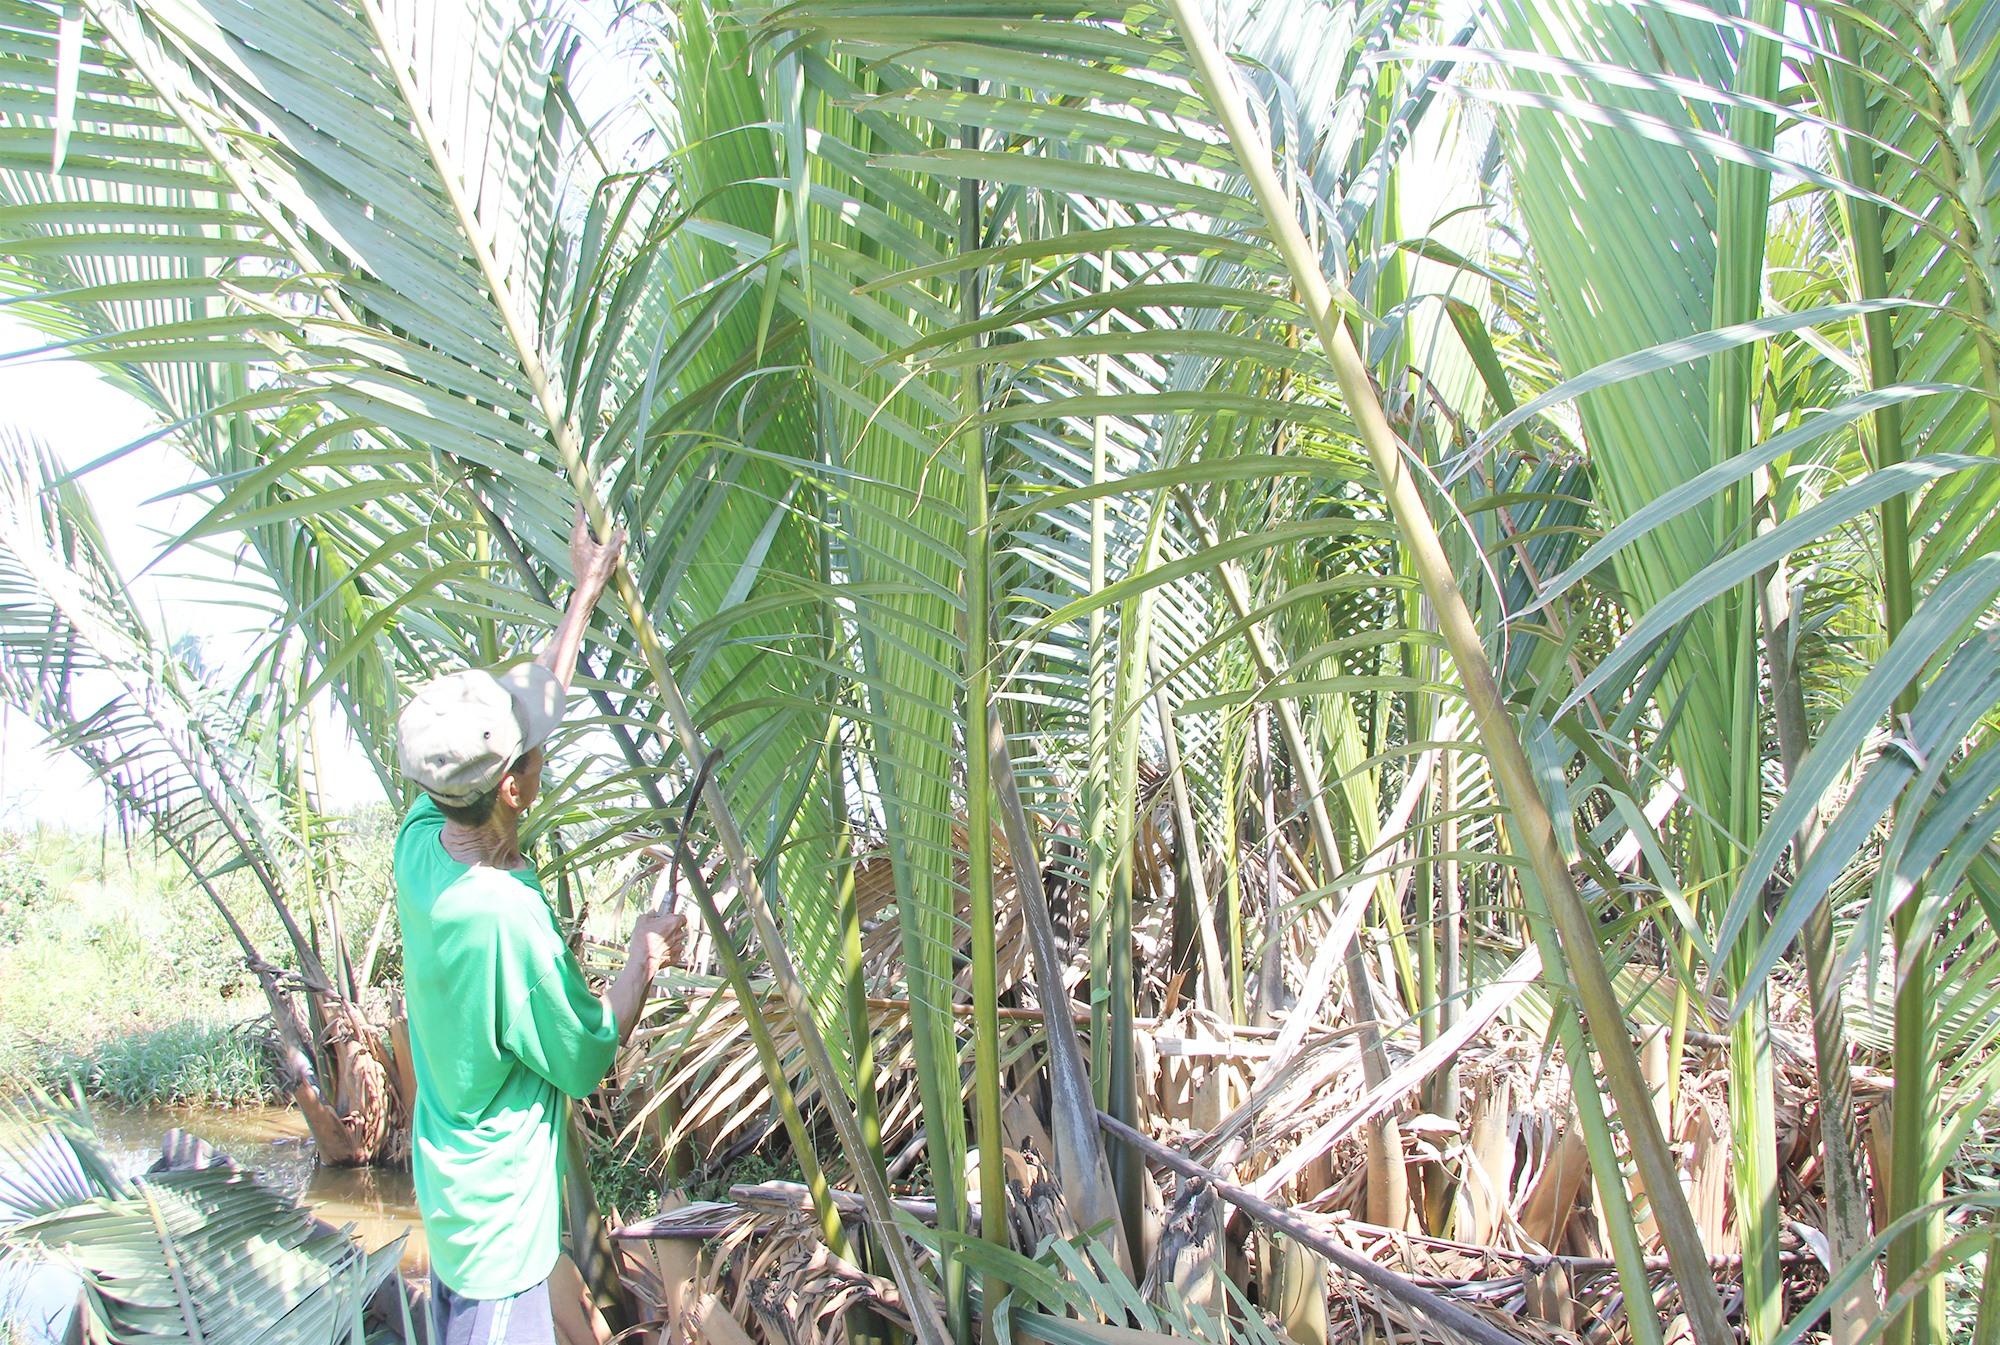 Dừa nước mang lại thu nhập ổn định cho nhiều hộ dân tại thôn Tịch Tây, xã Tam Nghĩa. Ảnh: H.Q